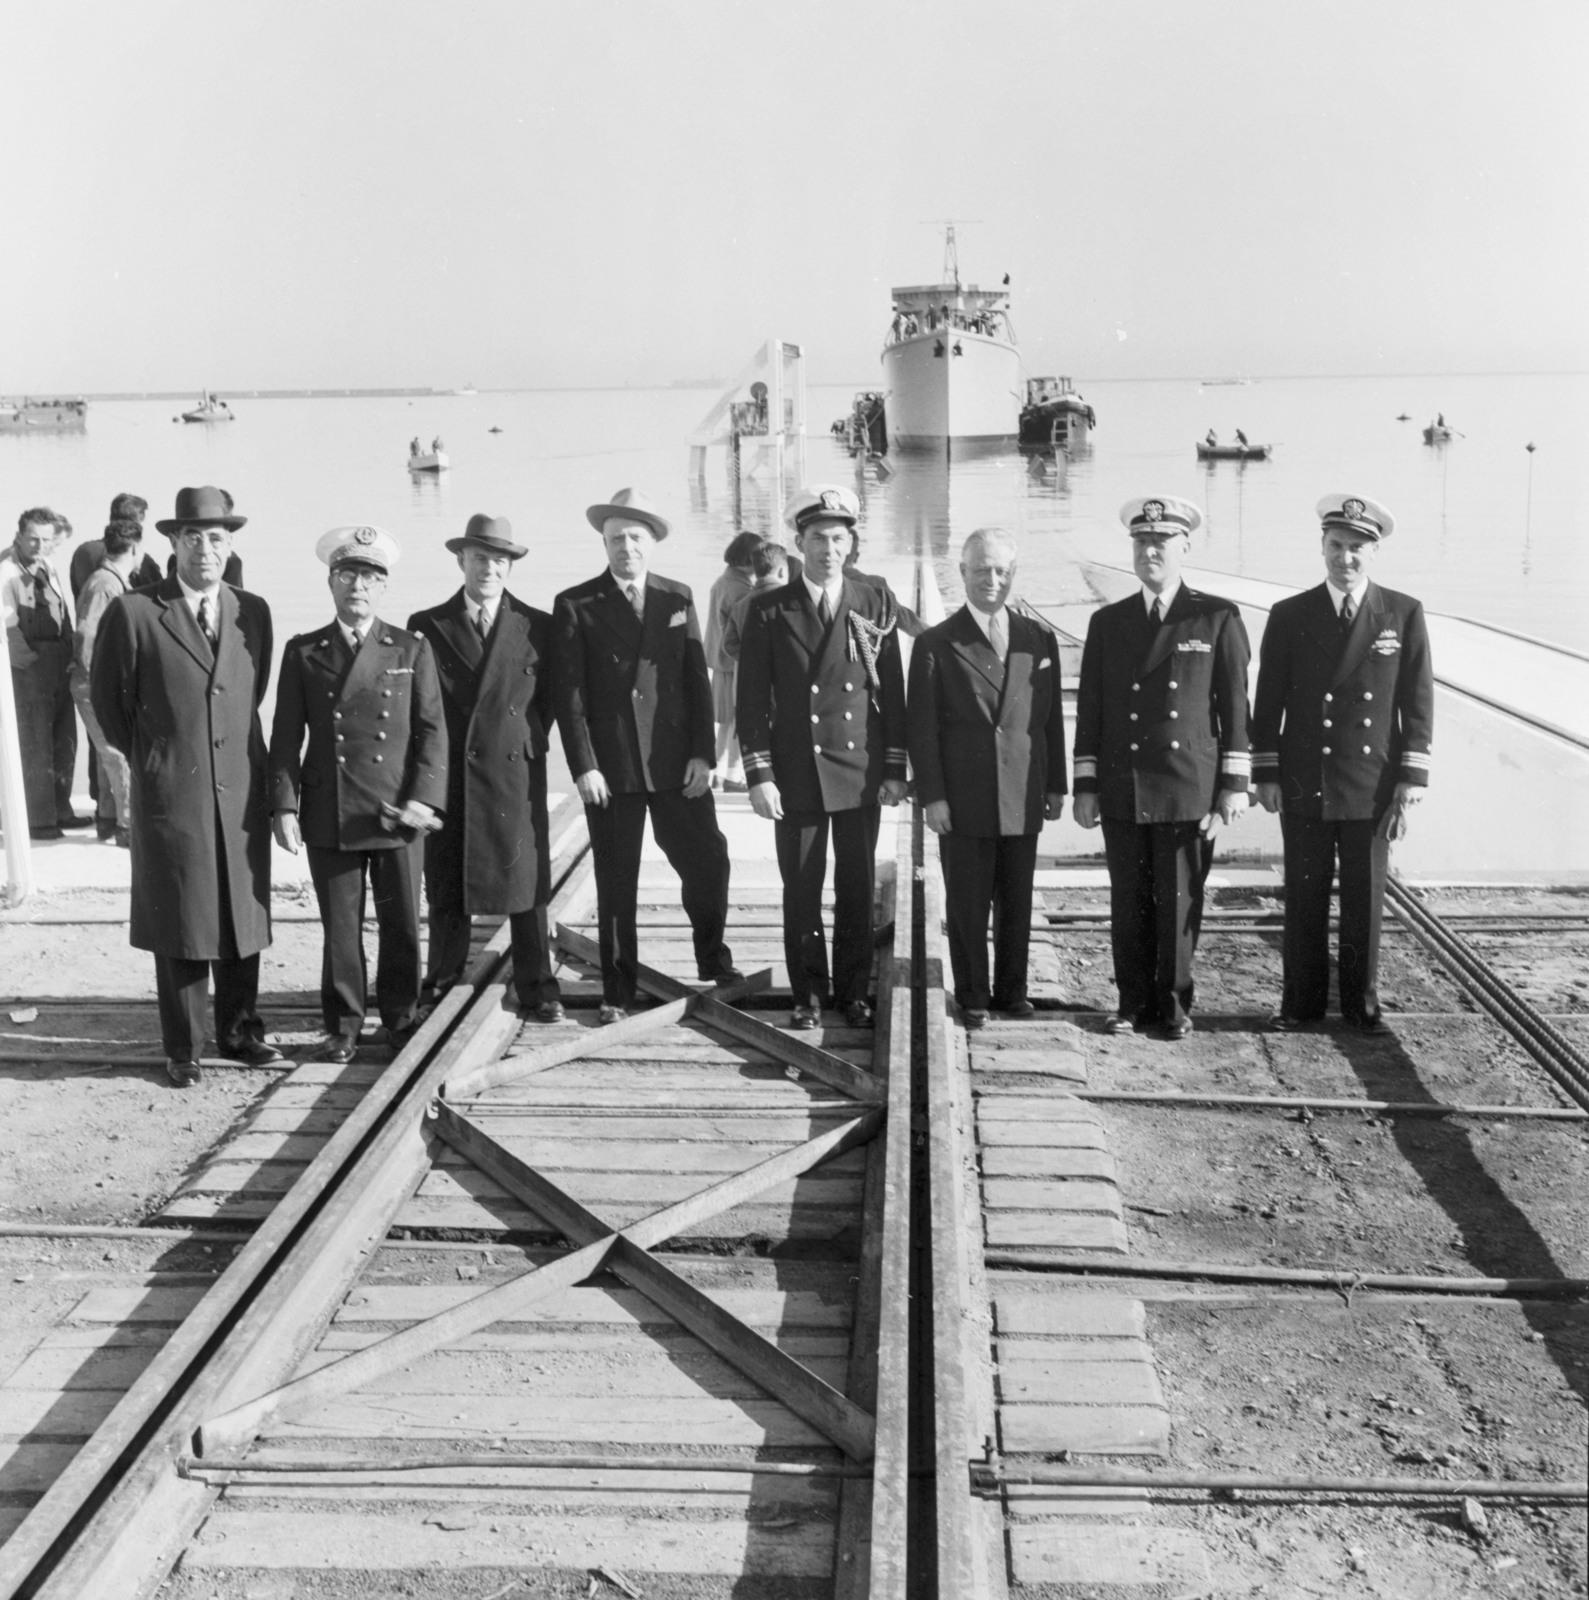 [Cherbourg Ship Launching]